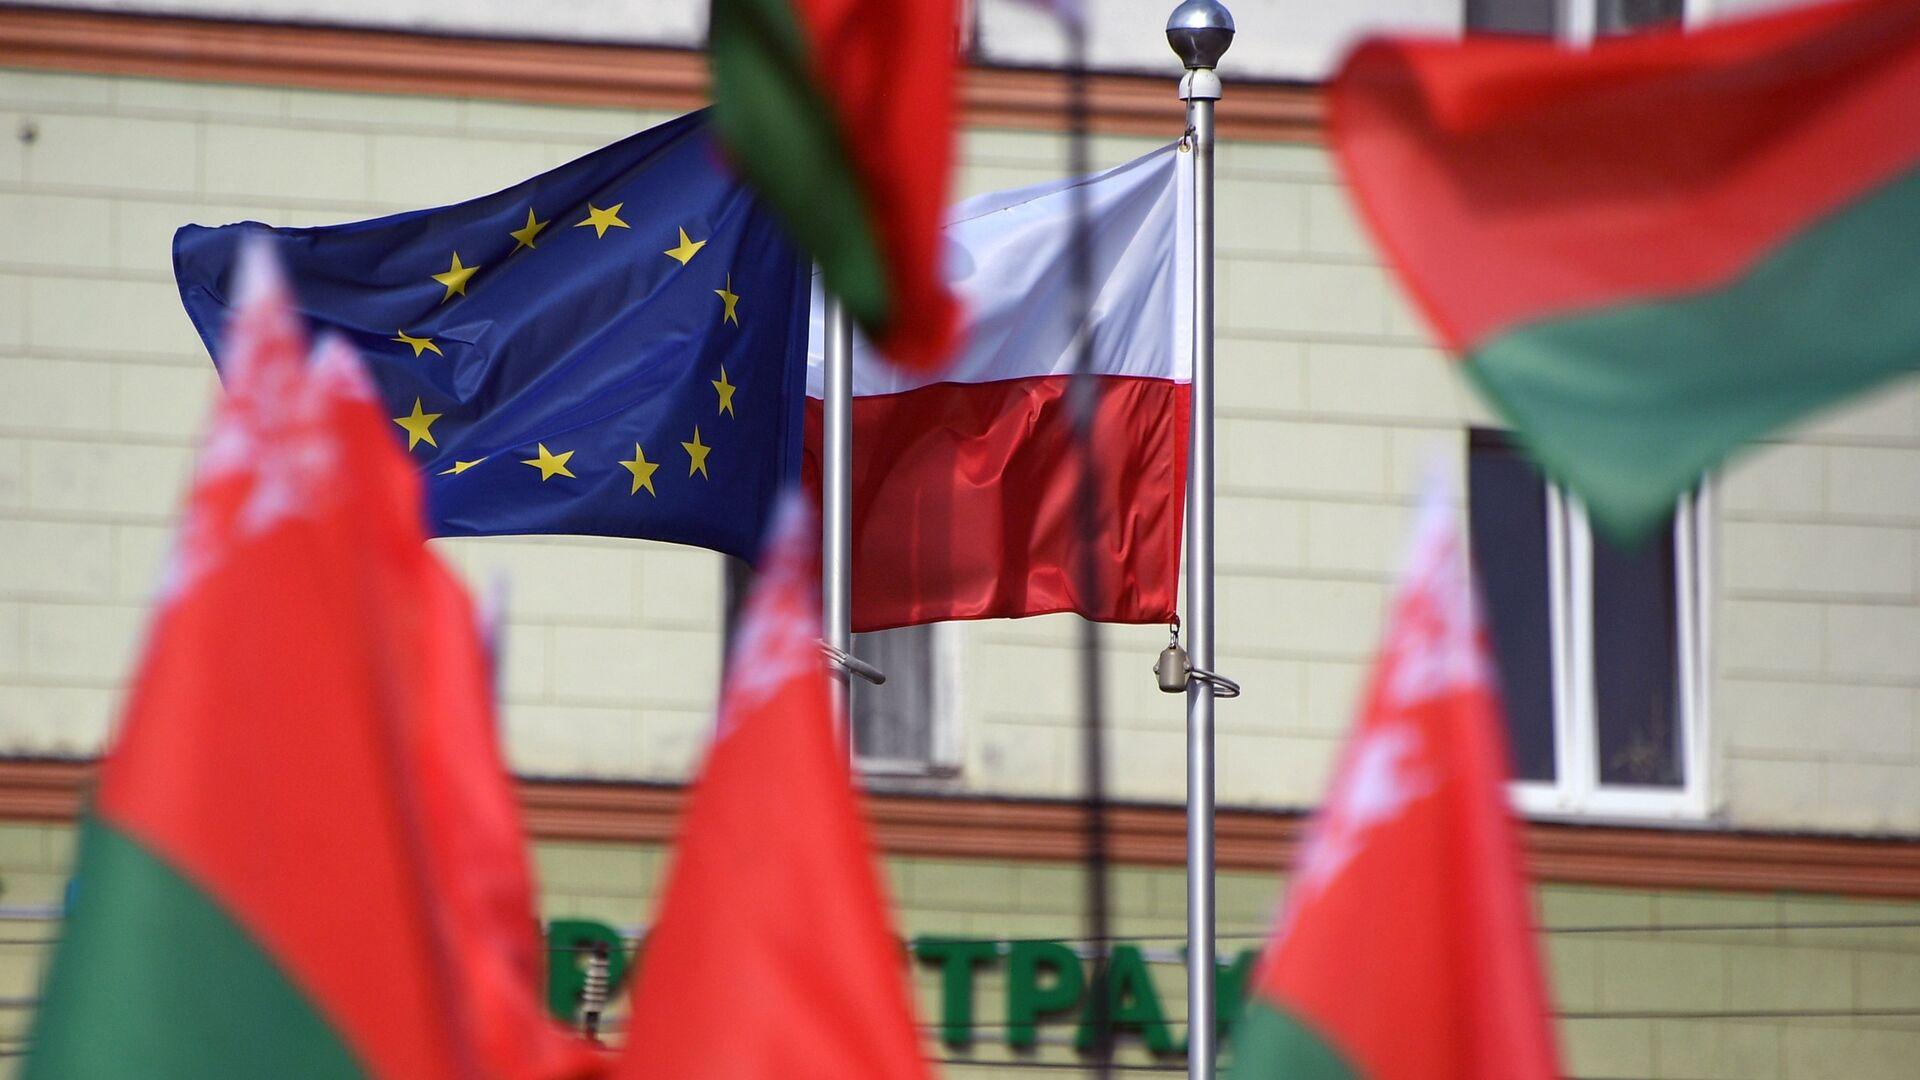 Flagi Białorusi, Polski i UE przed Ambasadą RP w Mińsku. - Sputnik Polska, 1920, 13.04.2021